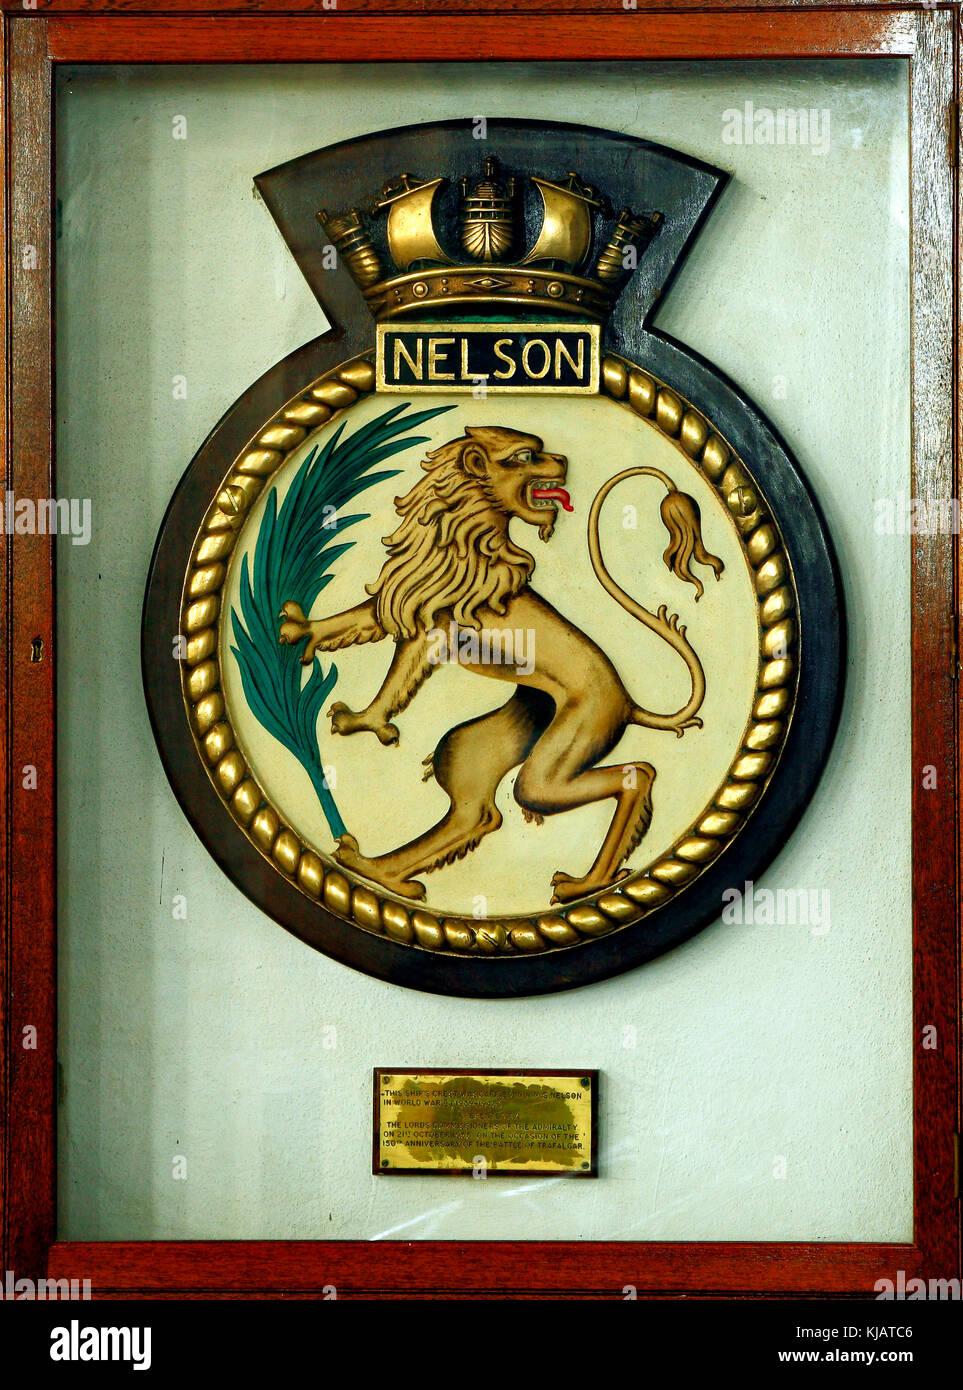 H M S Nelson, nave di cresta, eseguito in HMS Nelson, nella guerra mondiale 2, Burnham Thorpe Chiesa, Norfolk, Inghilterra, Immagini Stock